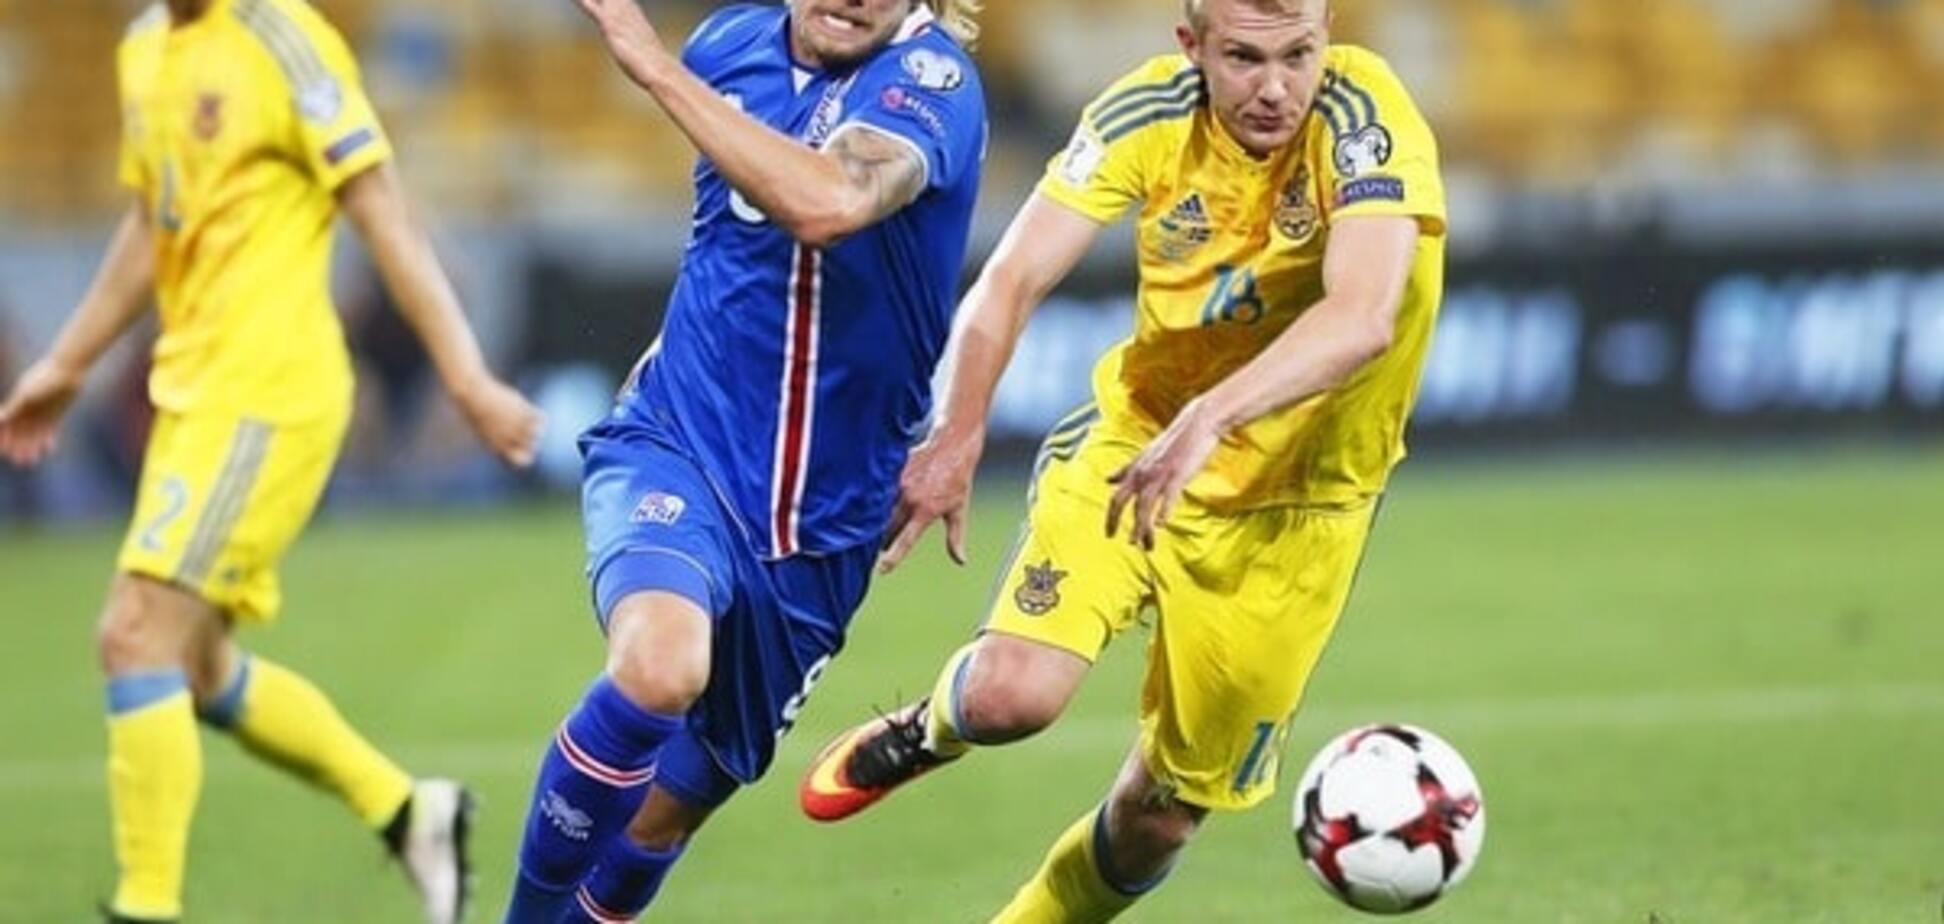 Збірна України в матчі з Ісландією повторила свій антирекорд